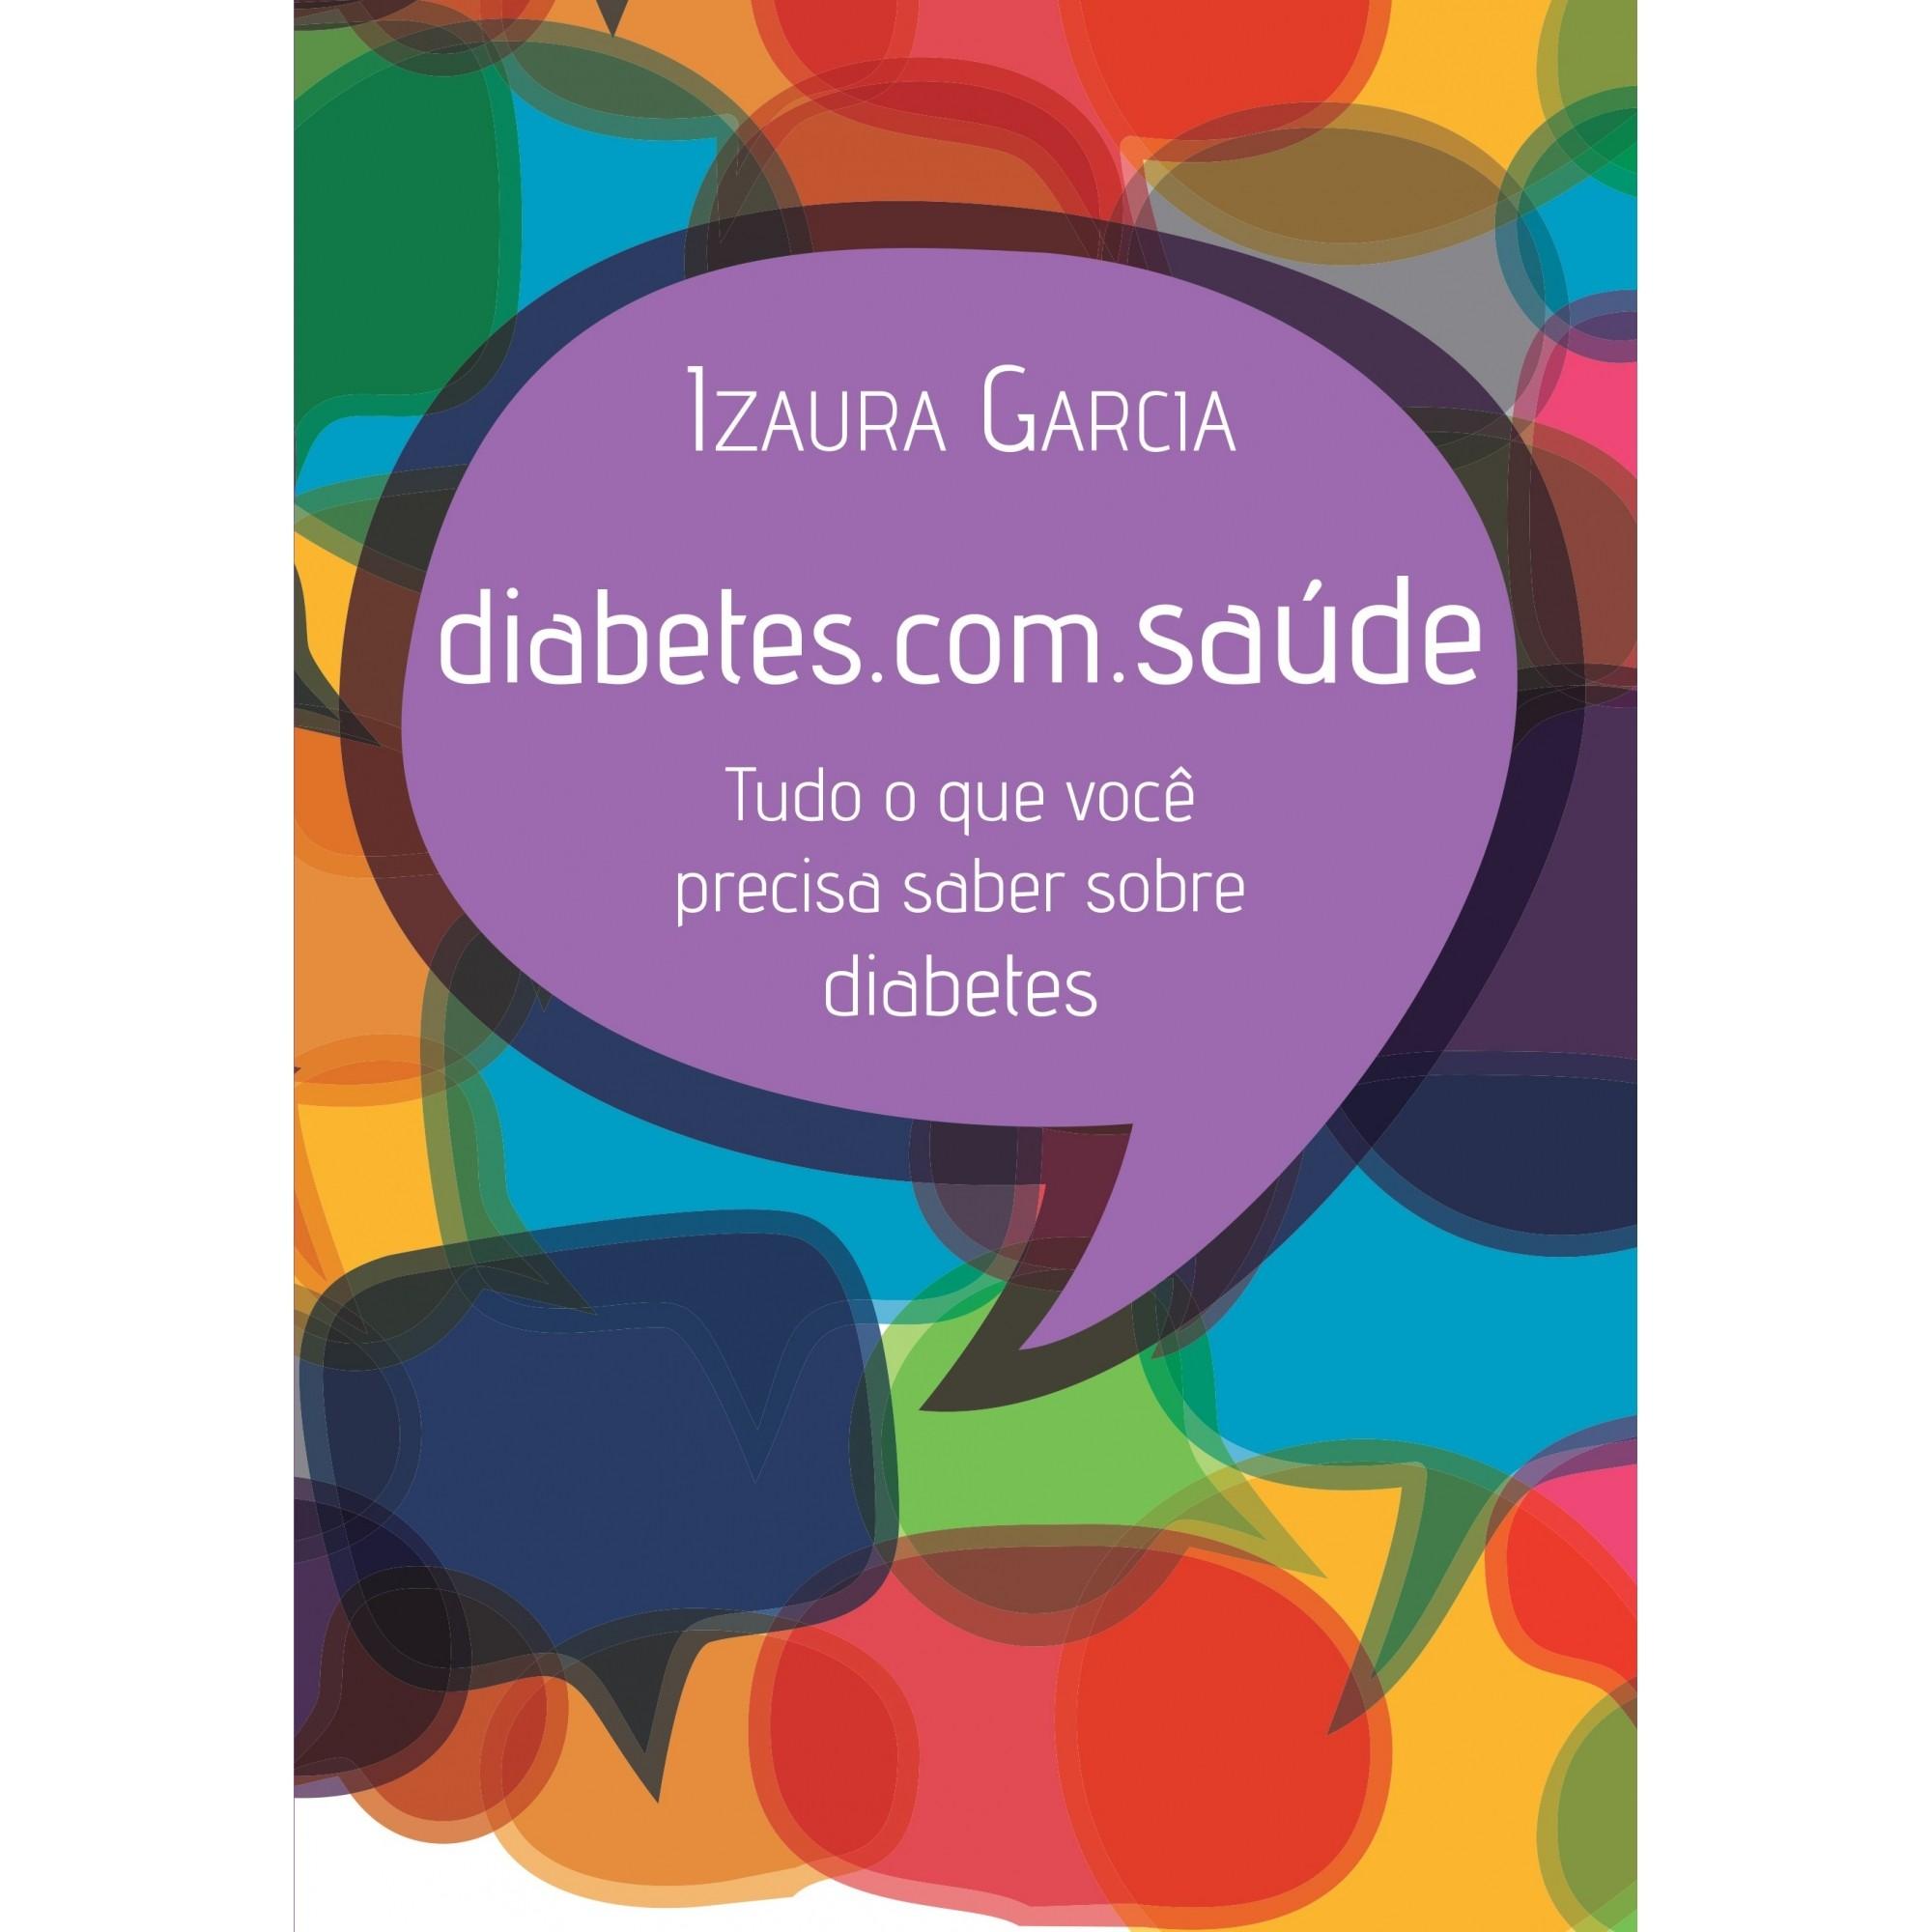 Diabetes.com.saude